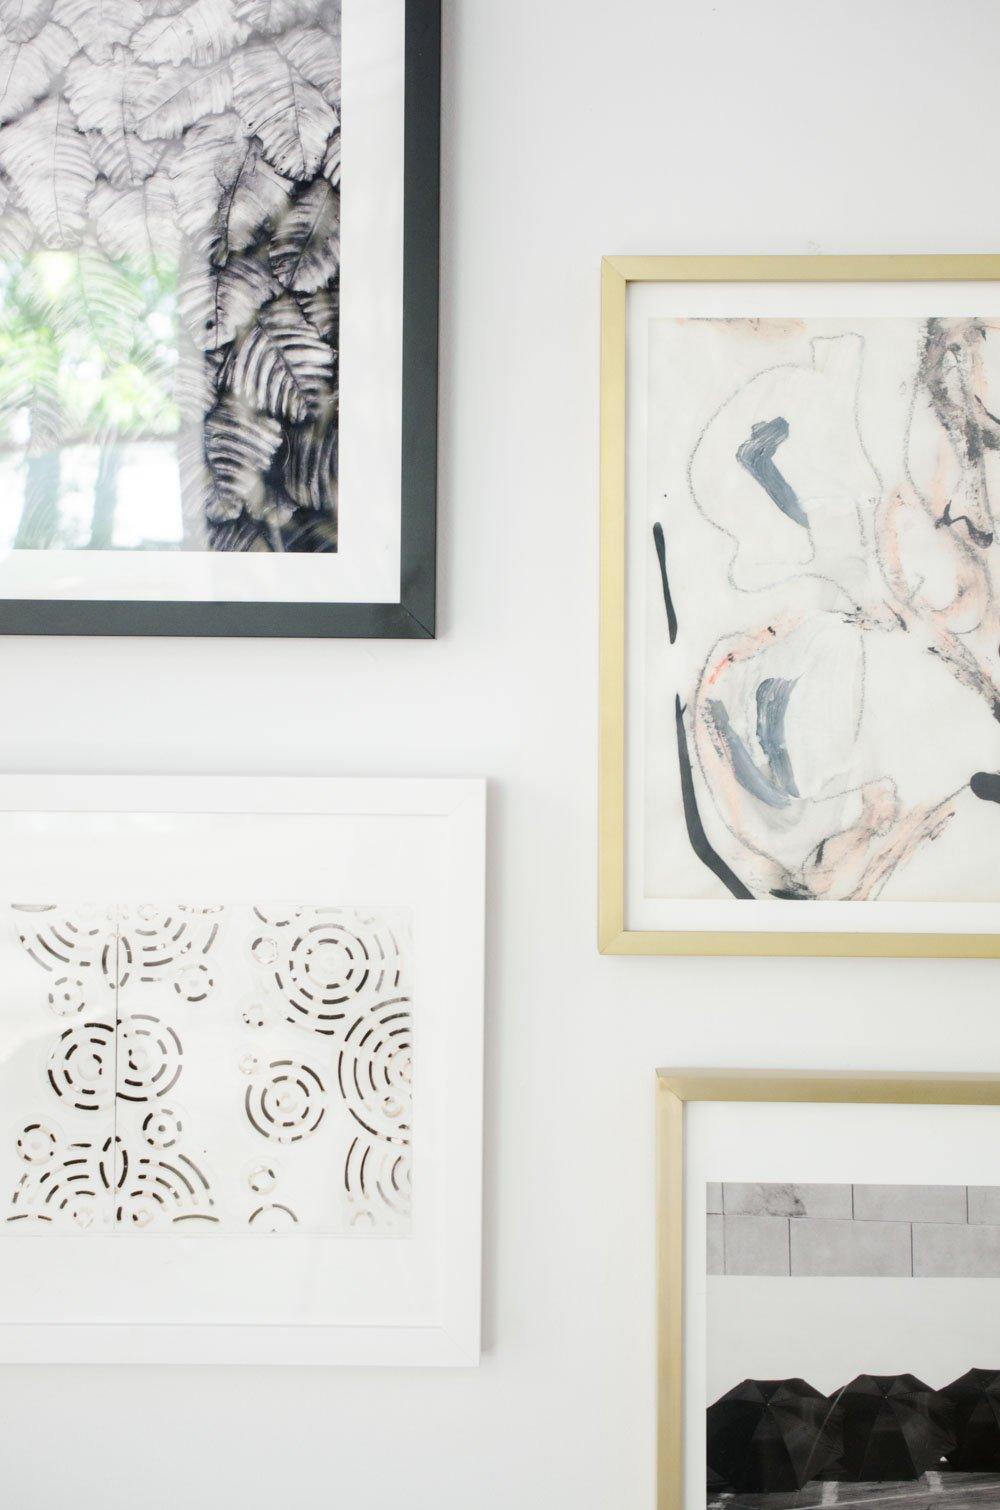 One Room Challenge gallery wall via @thouswellblog